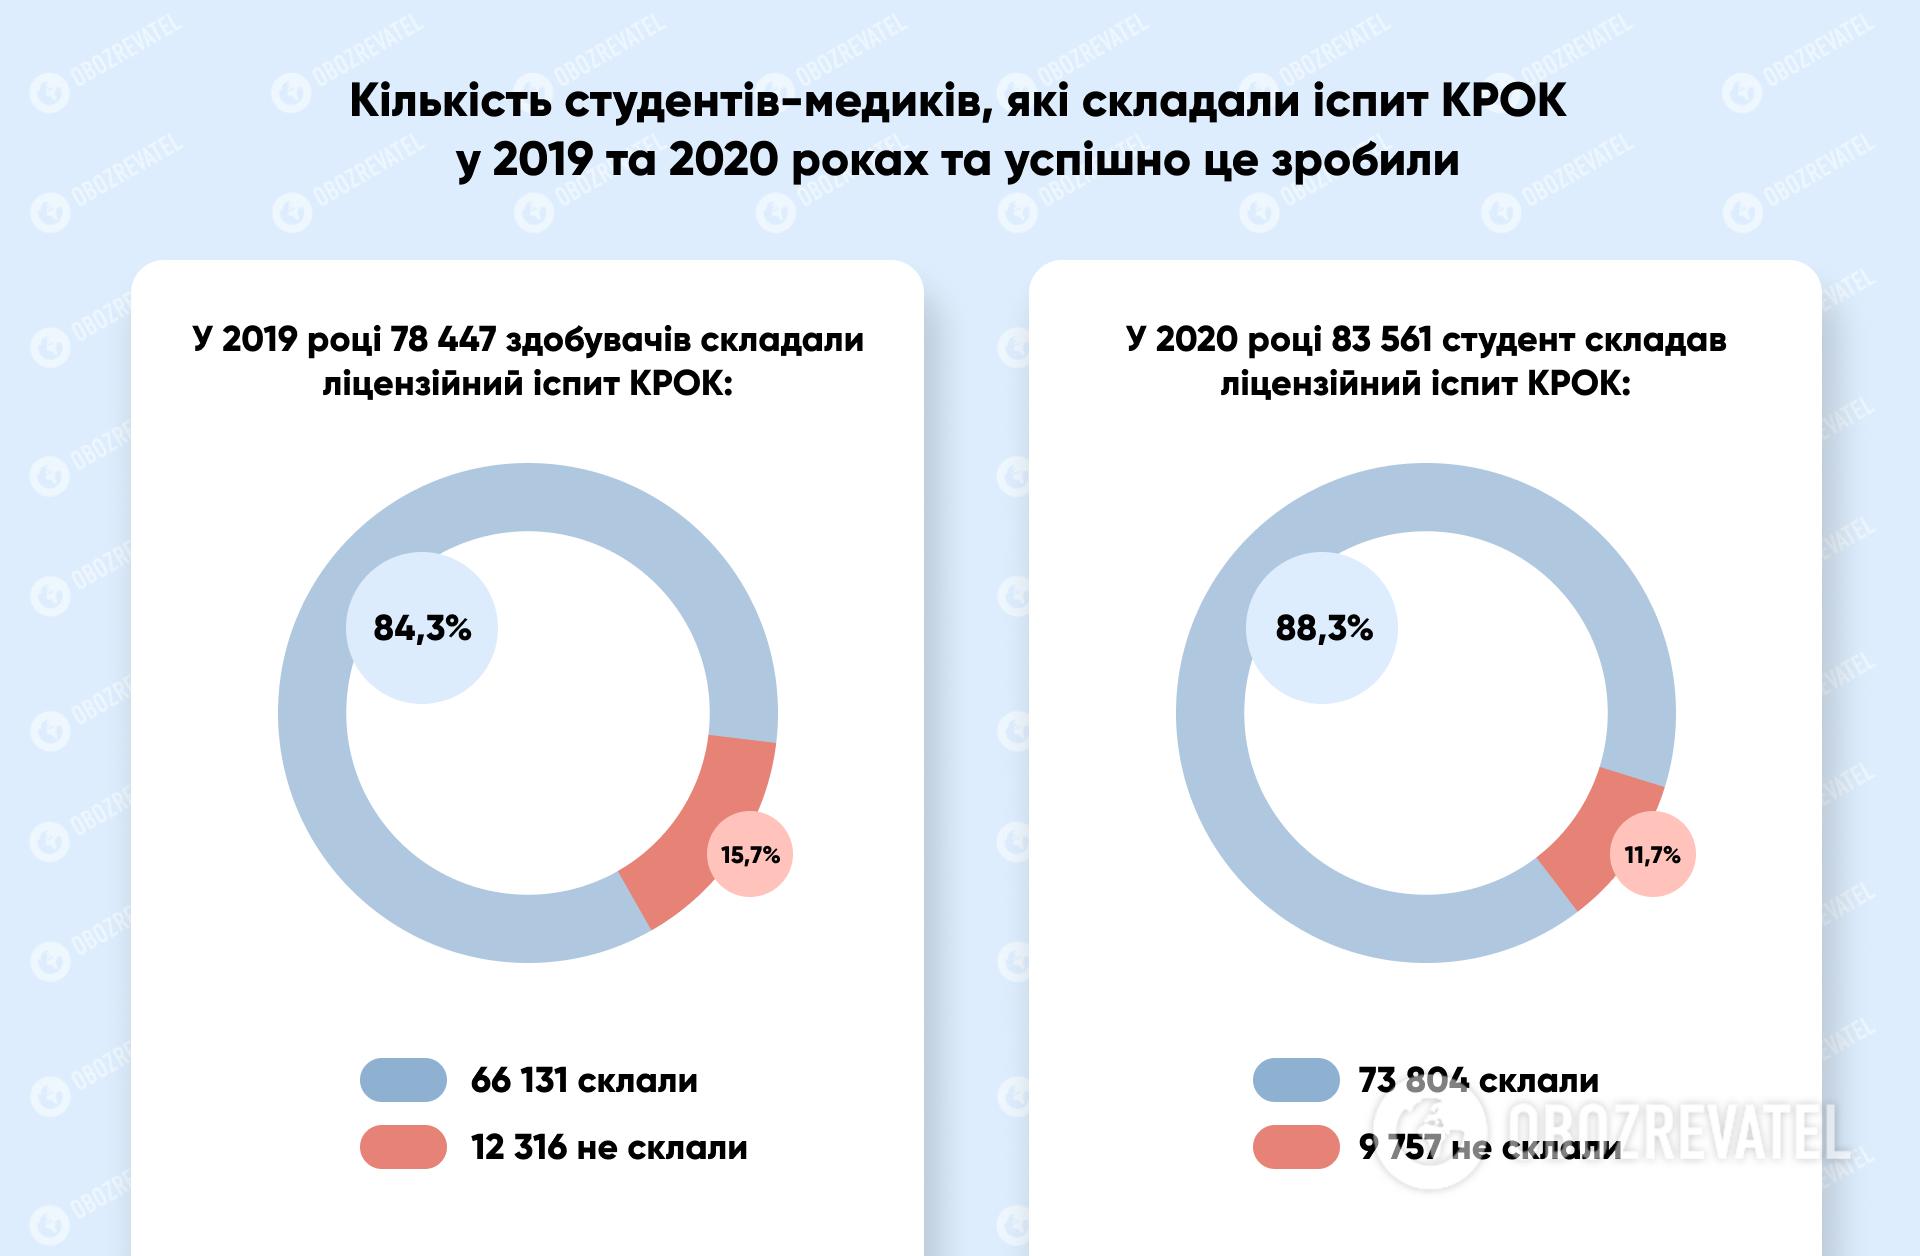 Результаты сдачи экзаменов 2019 г. и 2020 г.